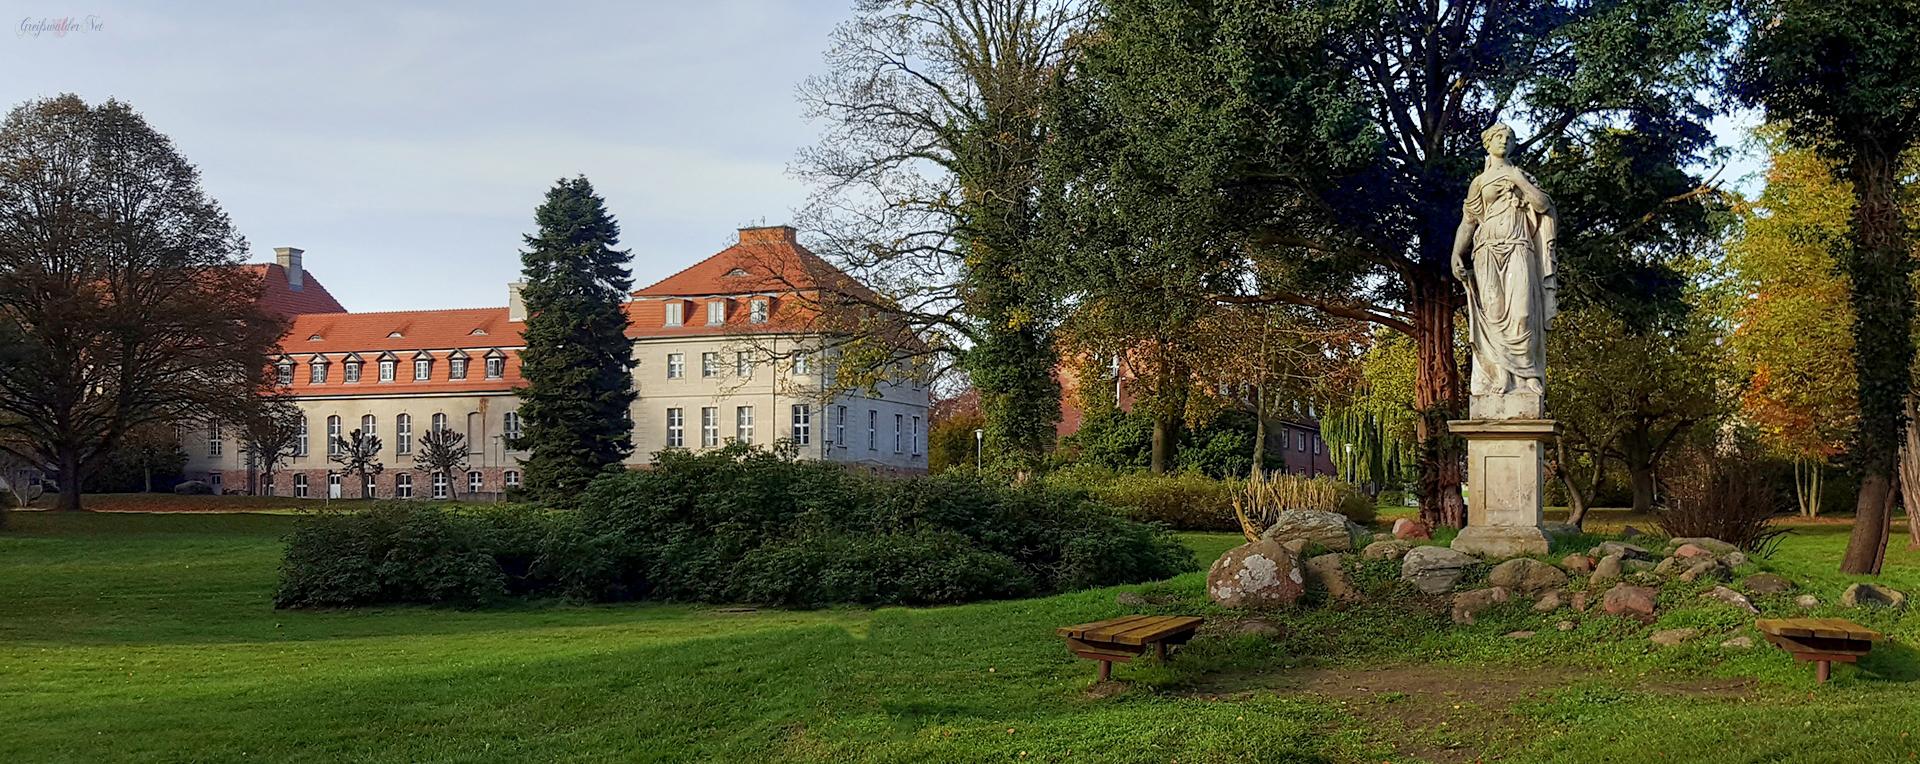 Schloss Karlsburg (Parkseite)